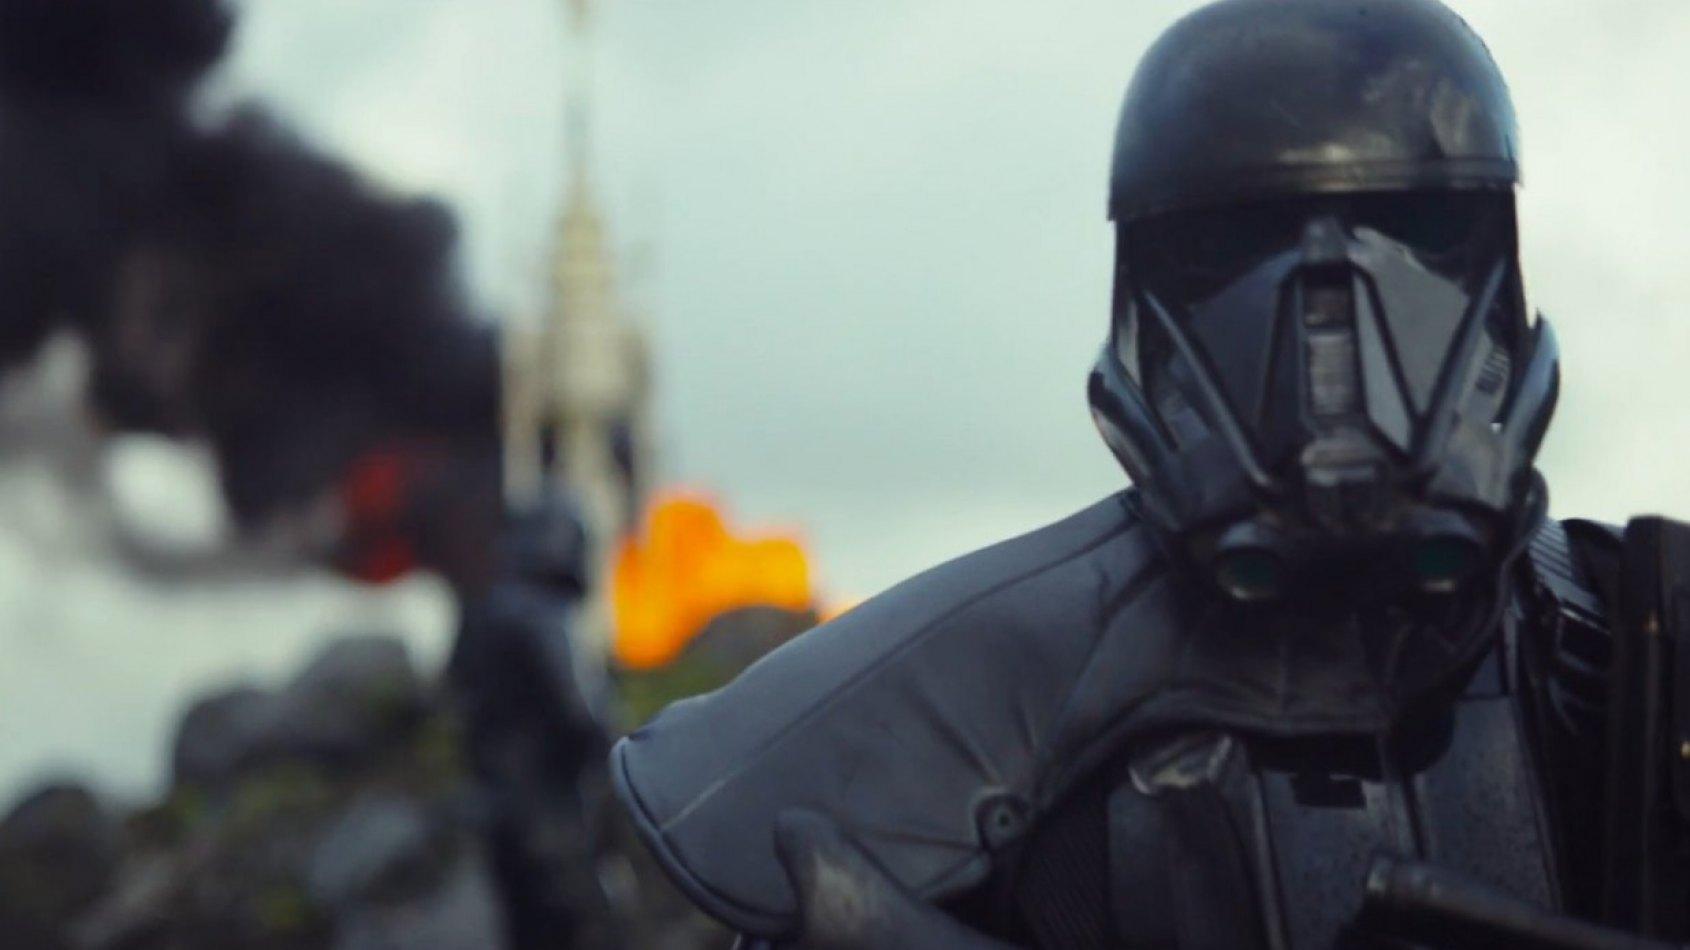 La Bande Annonce de Rogue One arrive tout à l'heure !